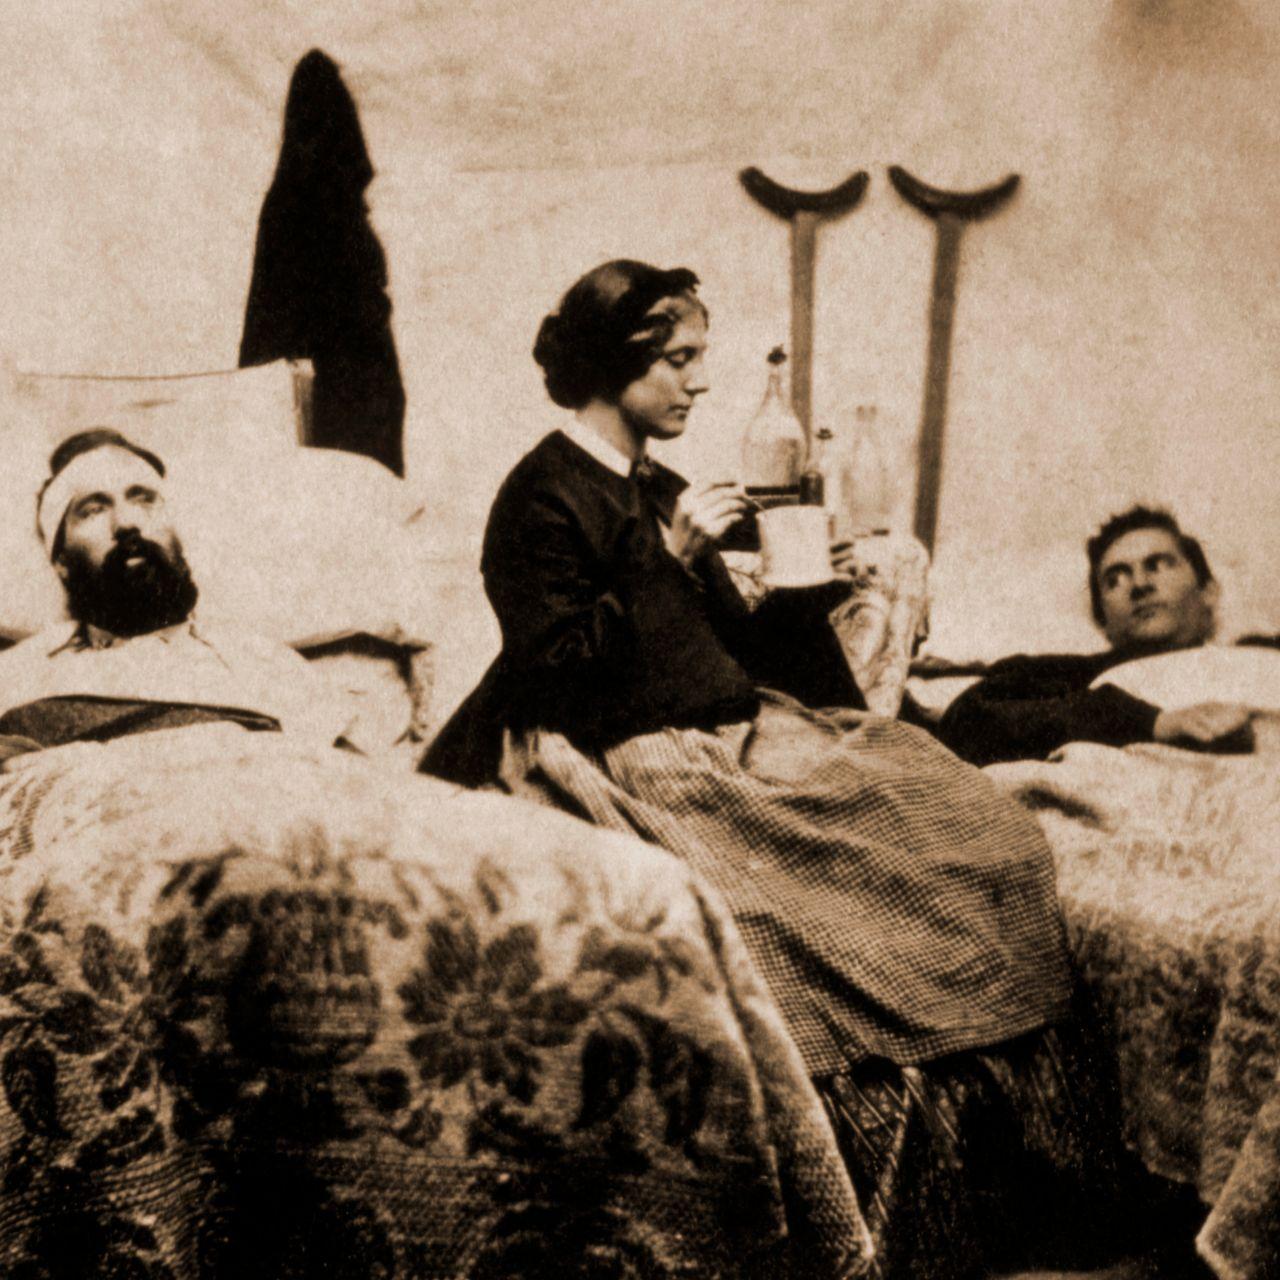 Clara Barton in the Civil War